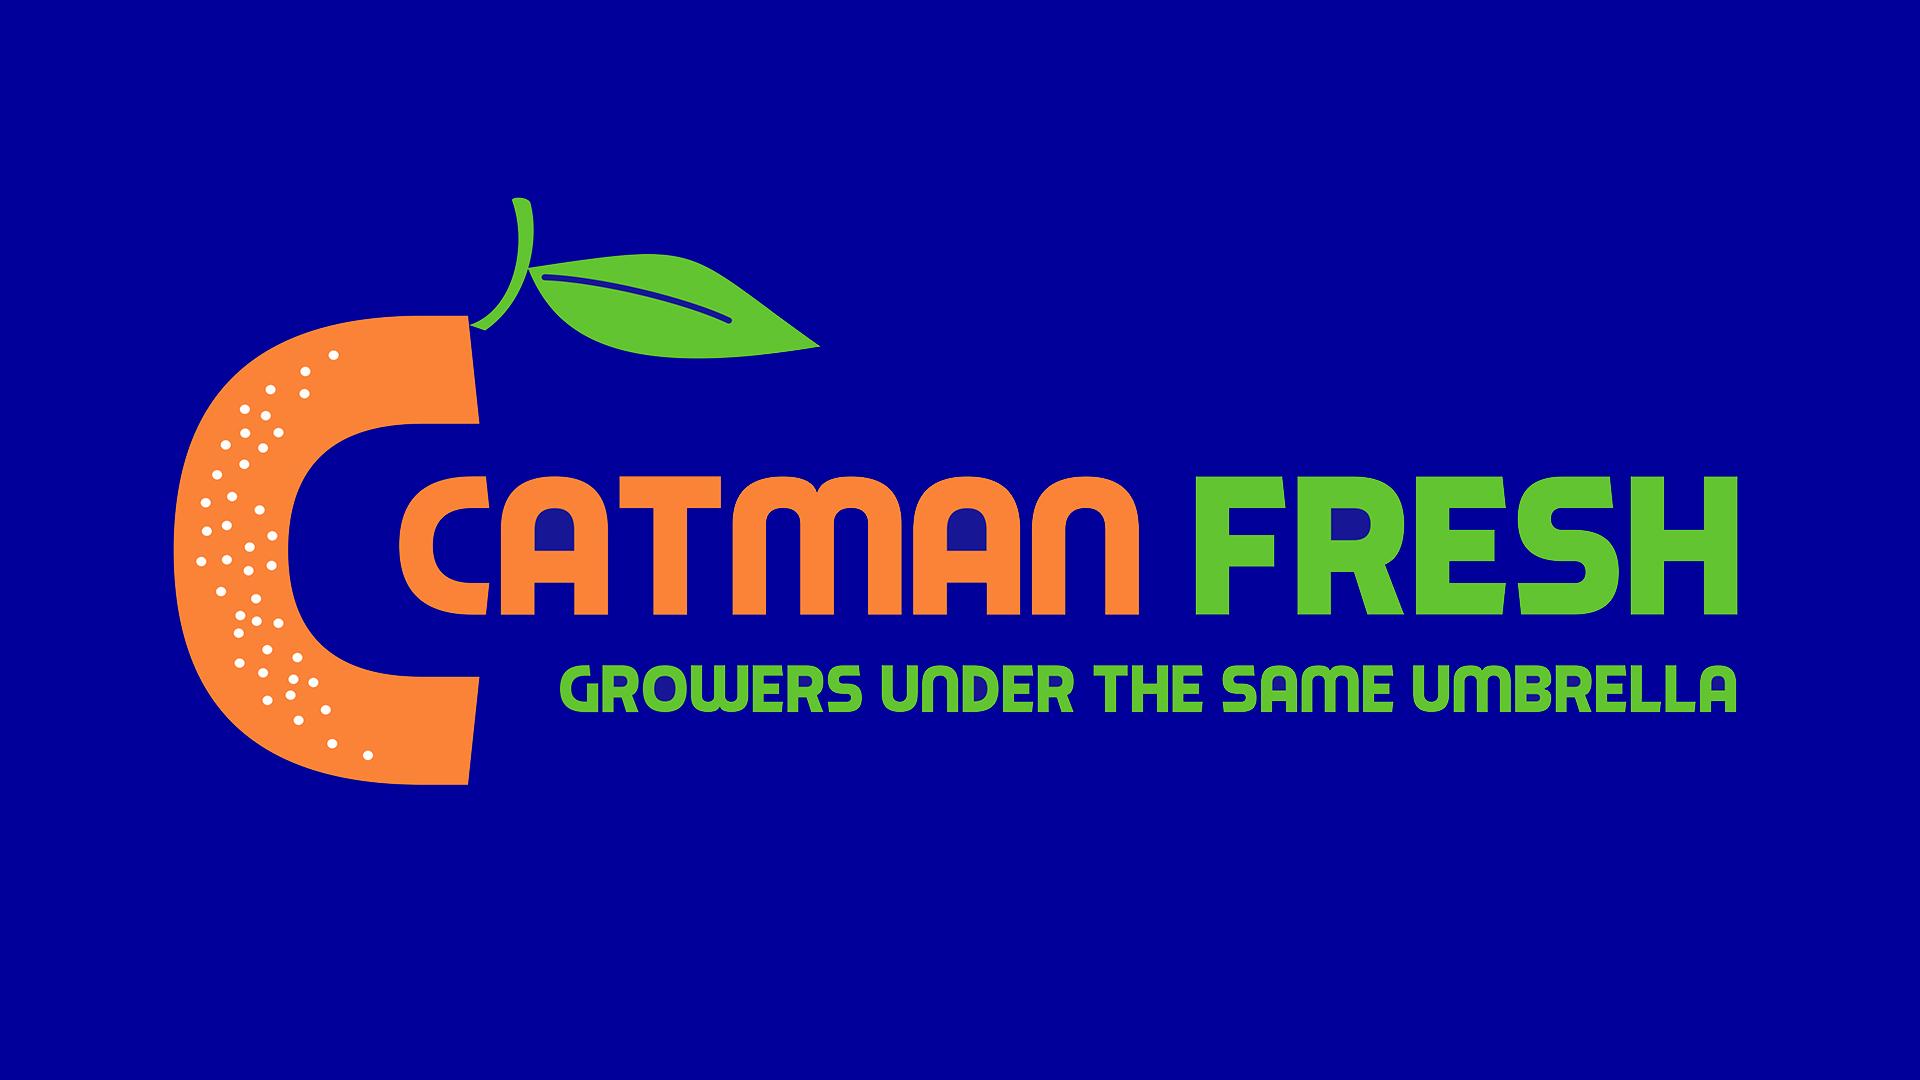 Catman Fresh, S.A.